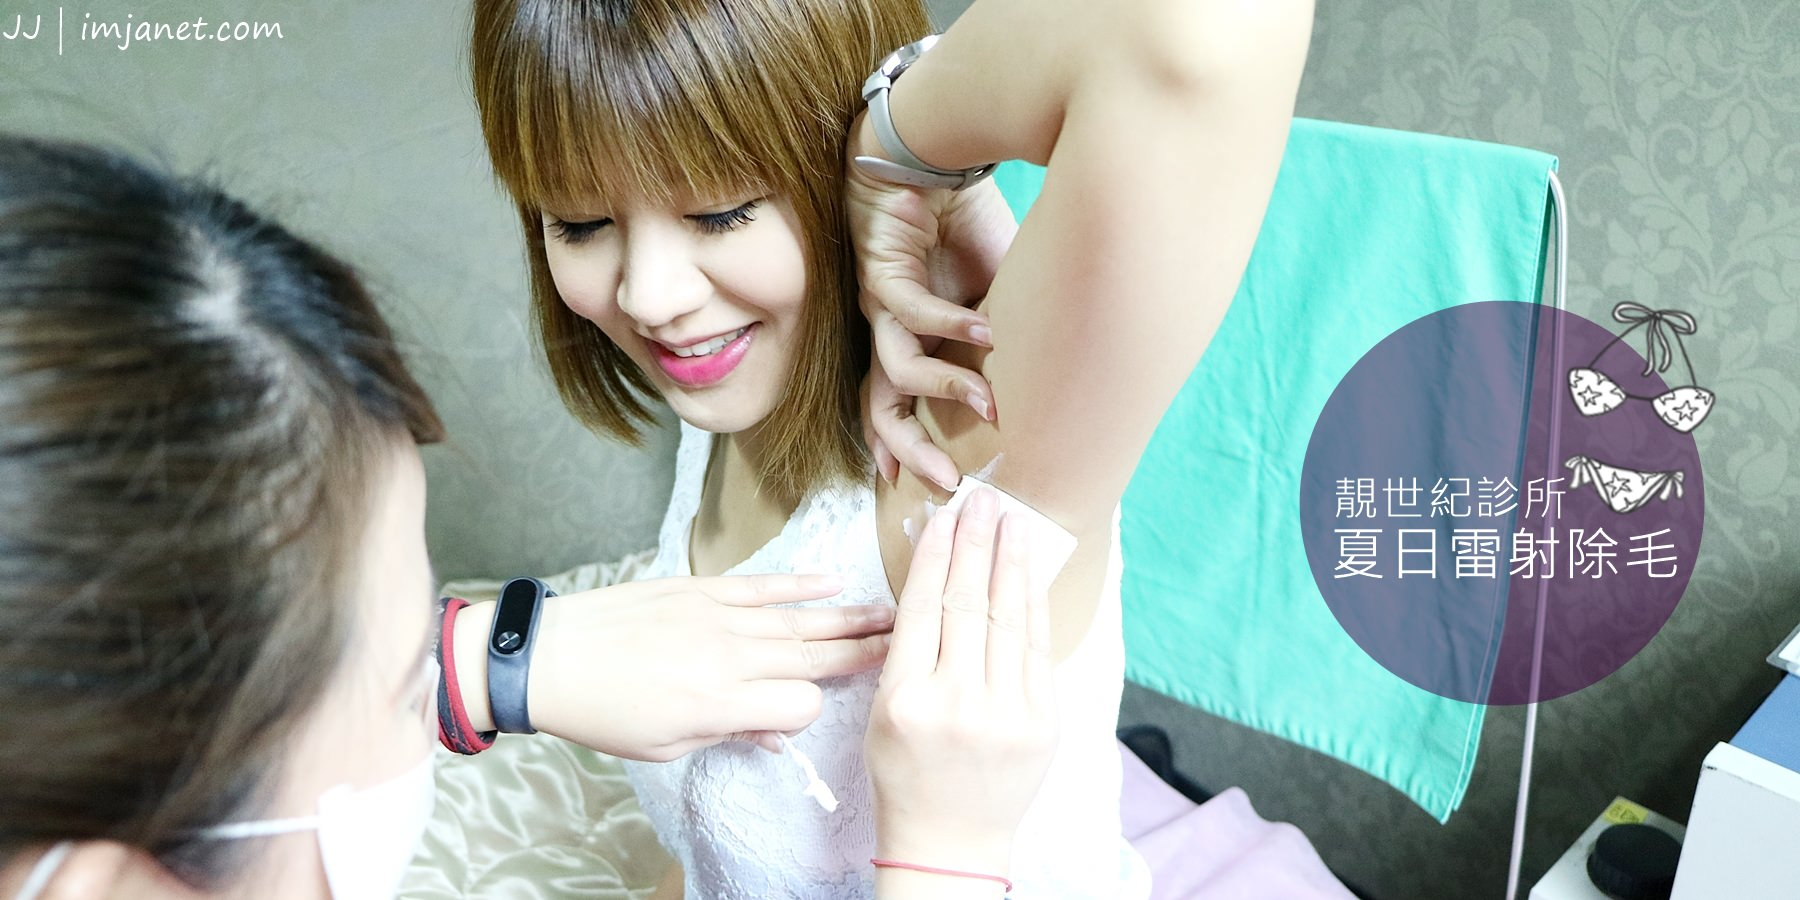 醫美|東區靚世紀診所:夏日亞歷山大紫翠玉雷射除毛大作戰,妳腋下如何?